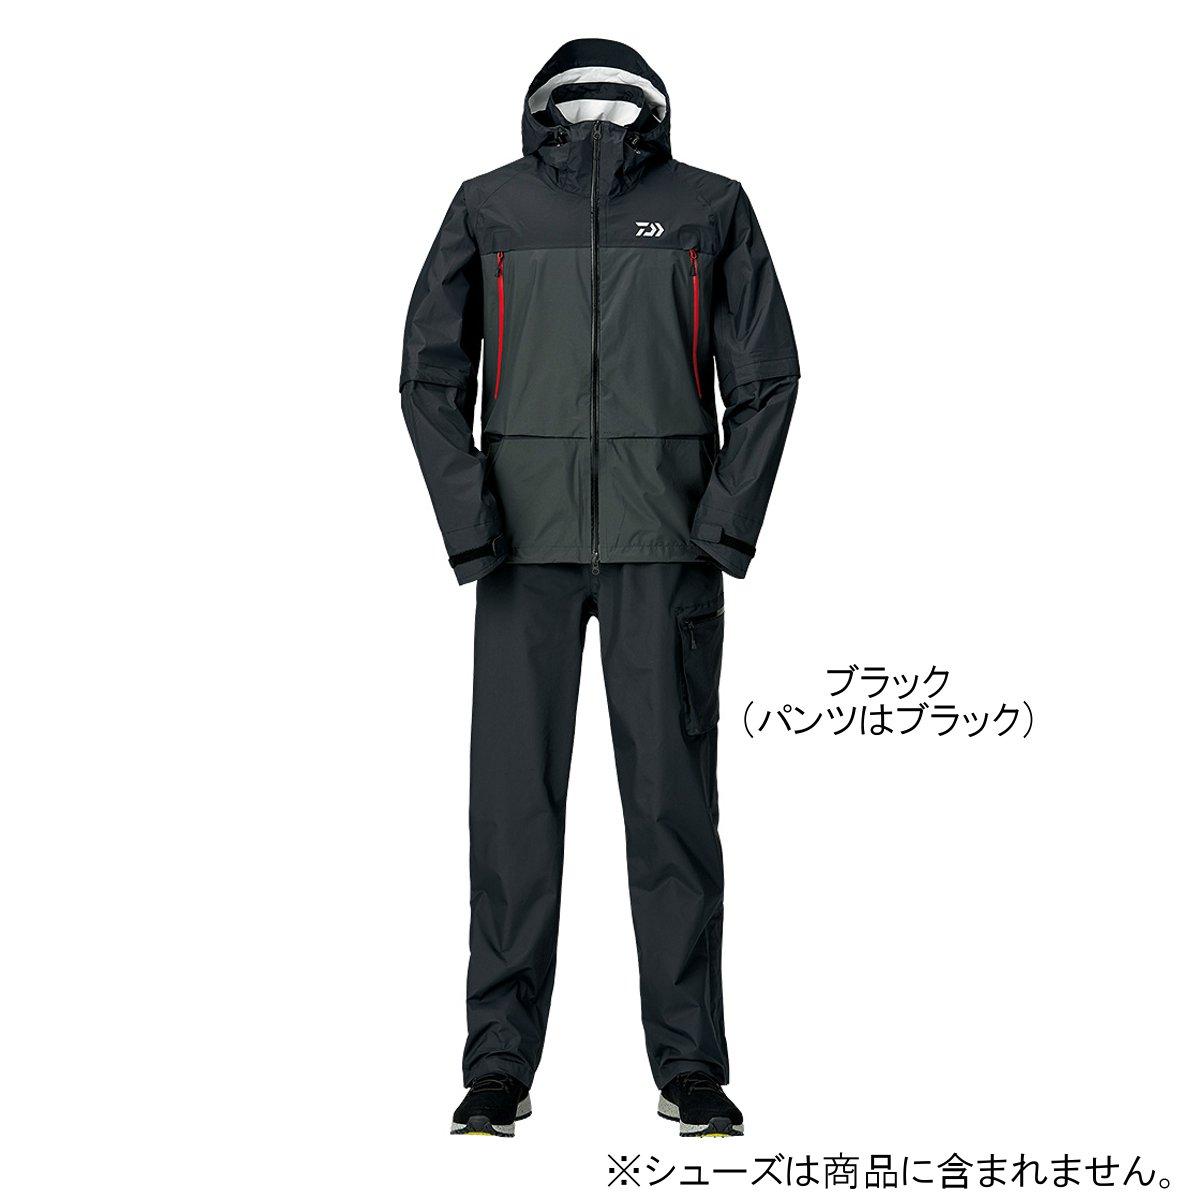 ダイワ レインマックス デタッチャブルレインスーツ DR-30009 M ブラック(東日本店)